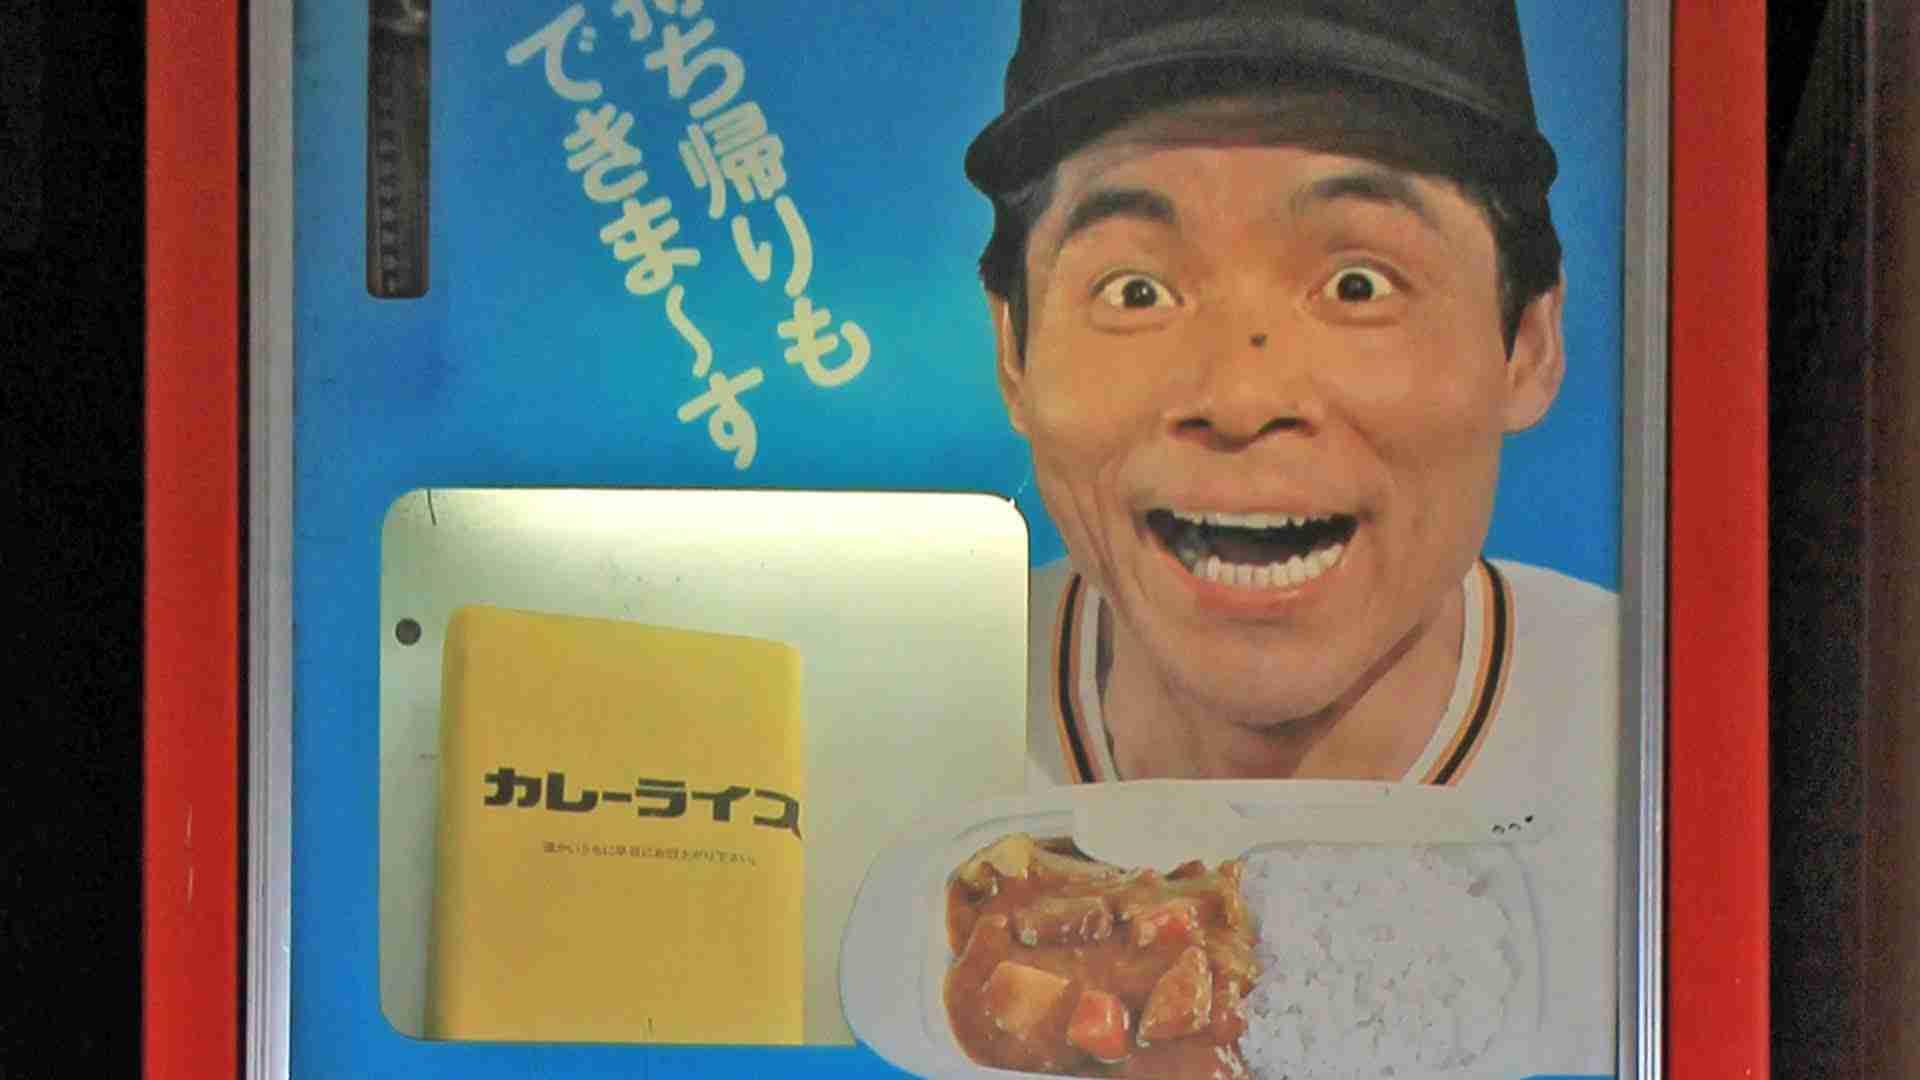 コインスナック御所24 徳島 懐かし自販機の聖地 - YouTube